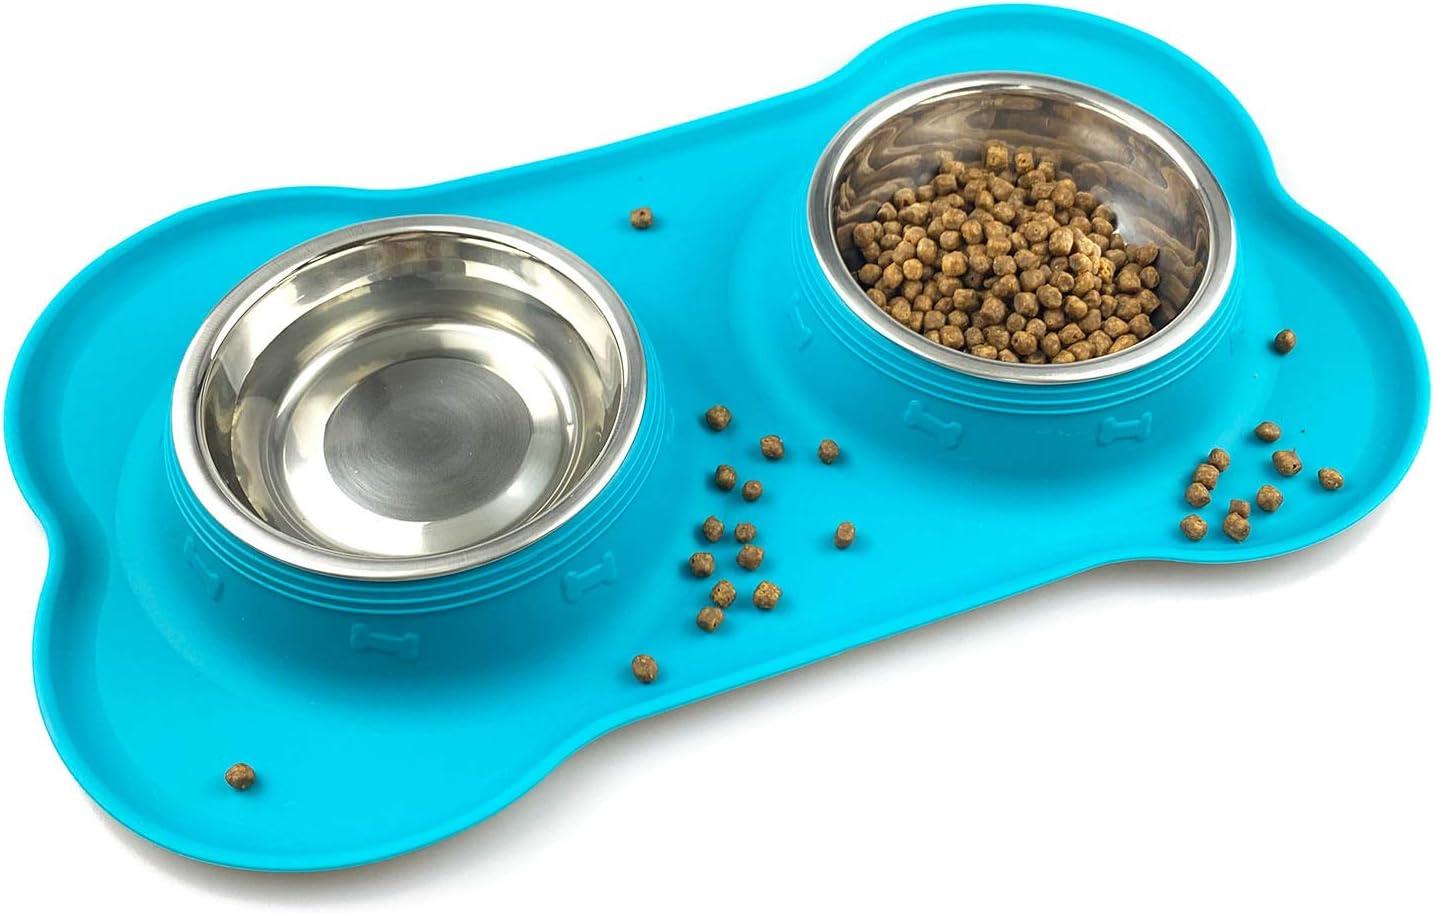 Comedero para Perros y Gato Acero Inoxidable 2x200ML,2 Cuencos Comedero para Mascotas con Base de Silicona Antideslizante(verde)